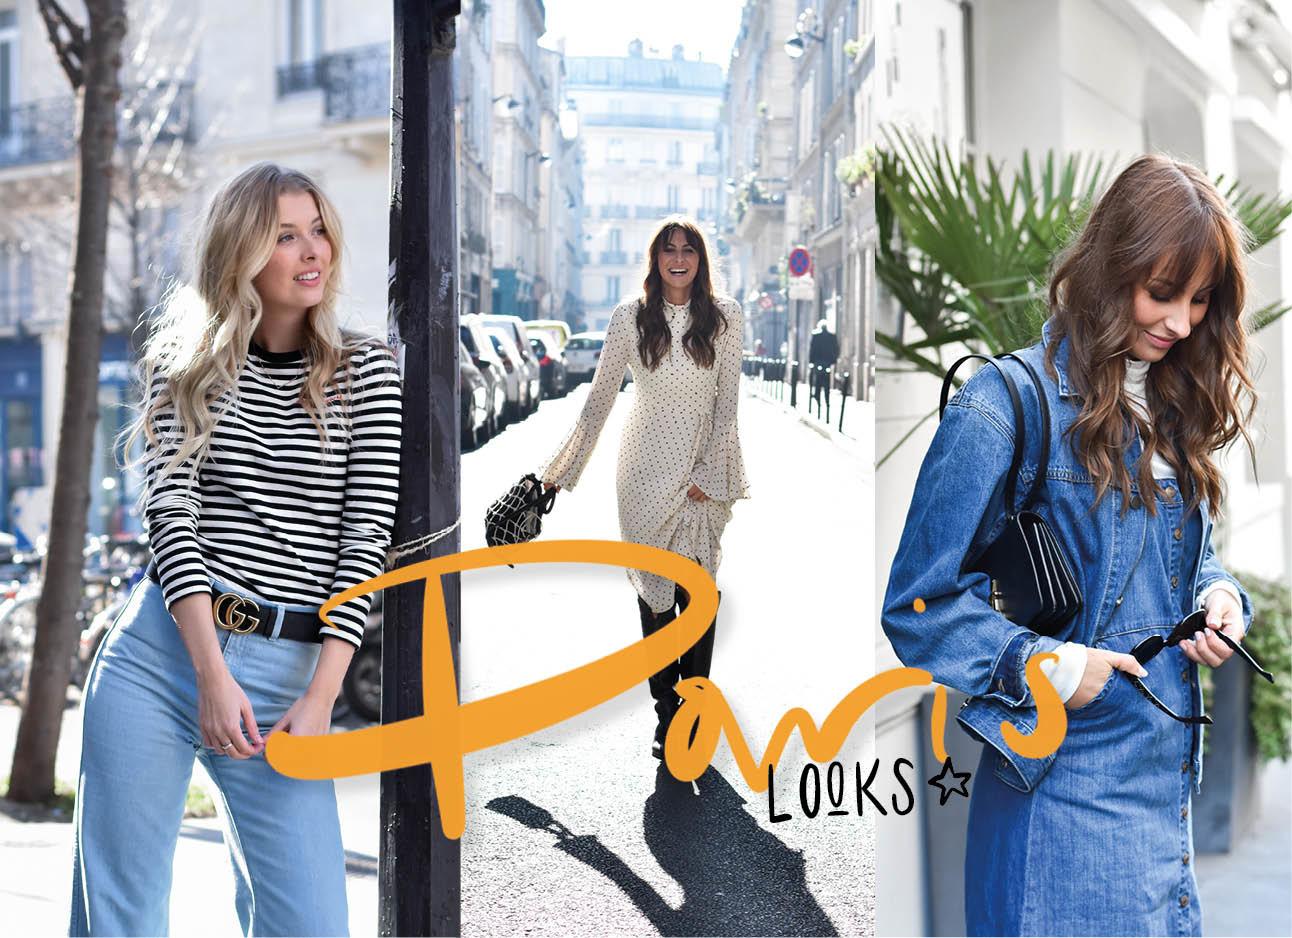 lilian brijl en annabelle lachend in parijs in jeans kleding en mooie lange stippen jurk in de straten lopend op de foto